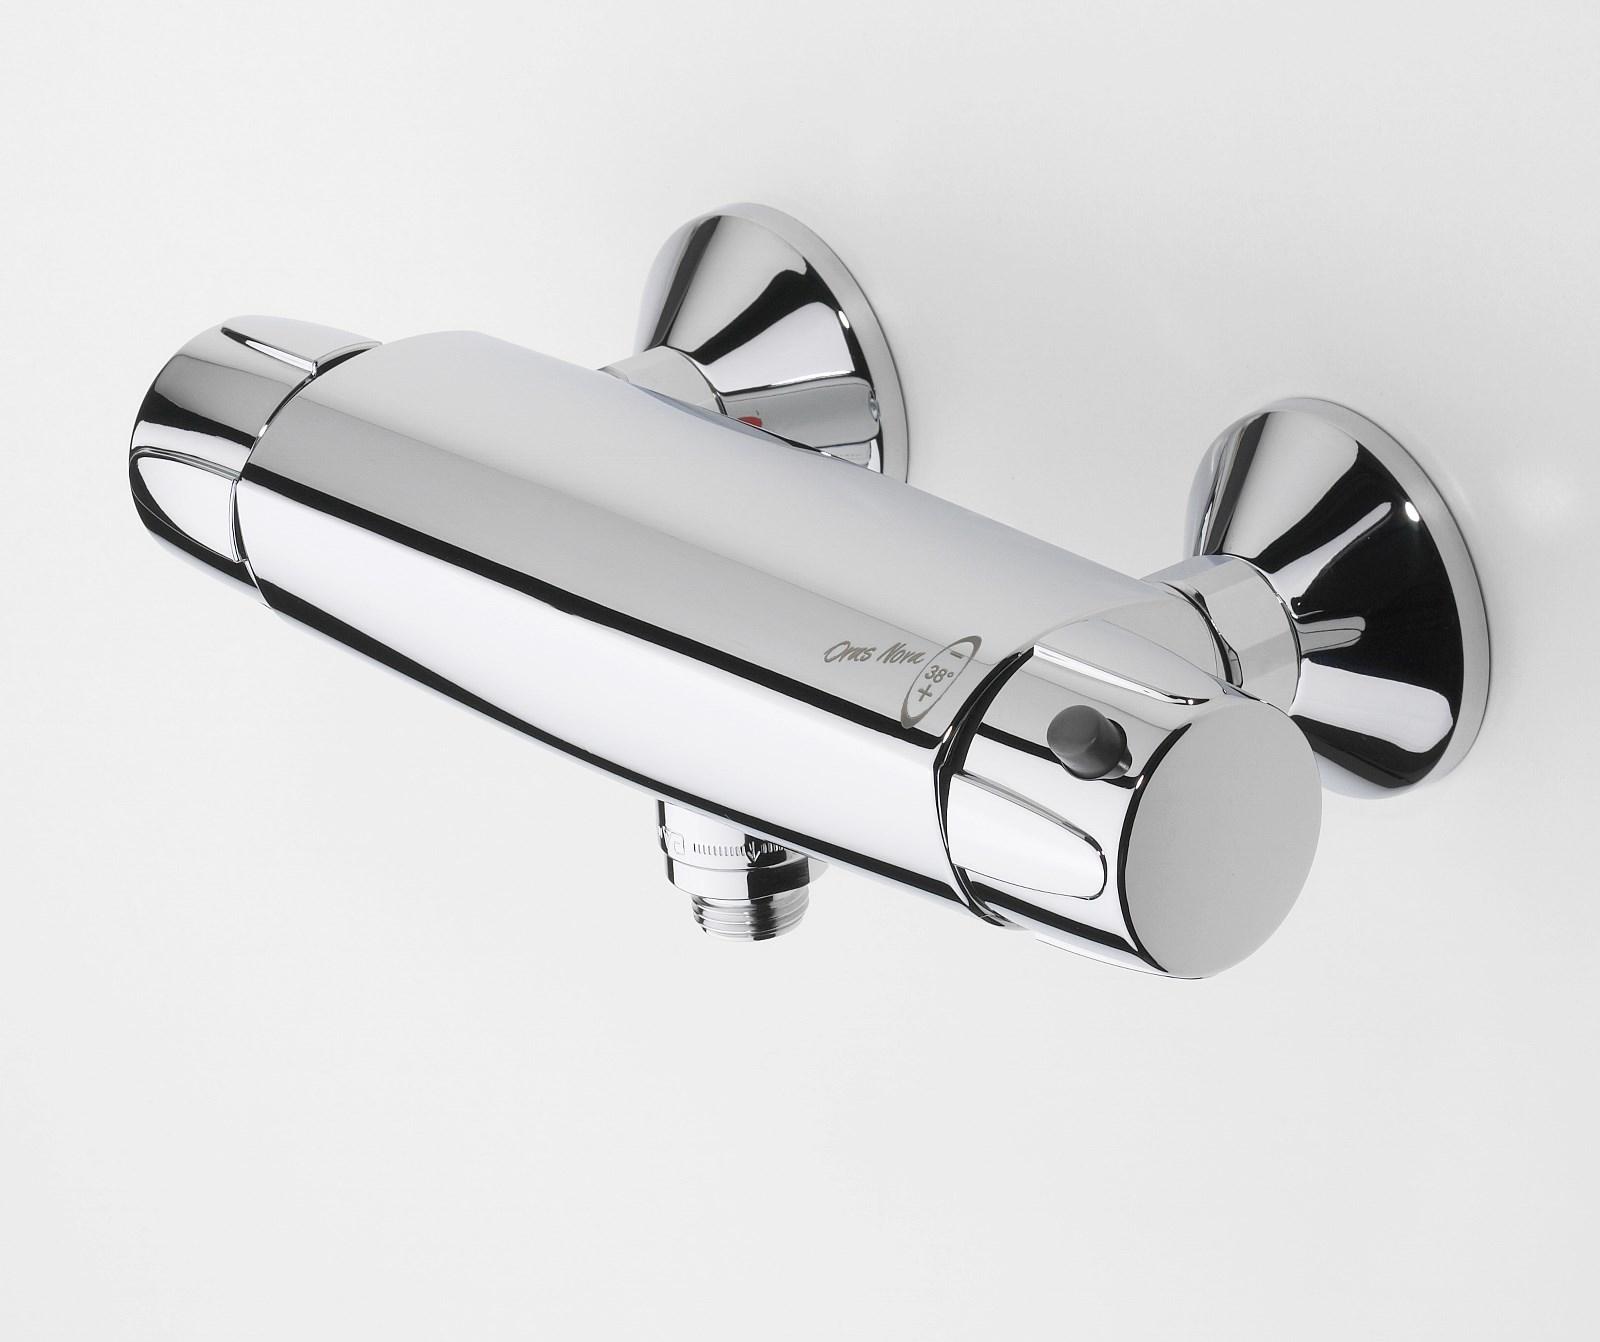 Oras Nova - sprchová termostatická baterie 7460CY